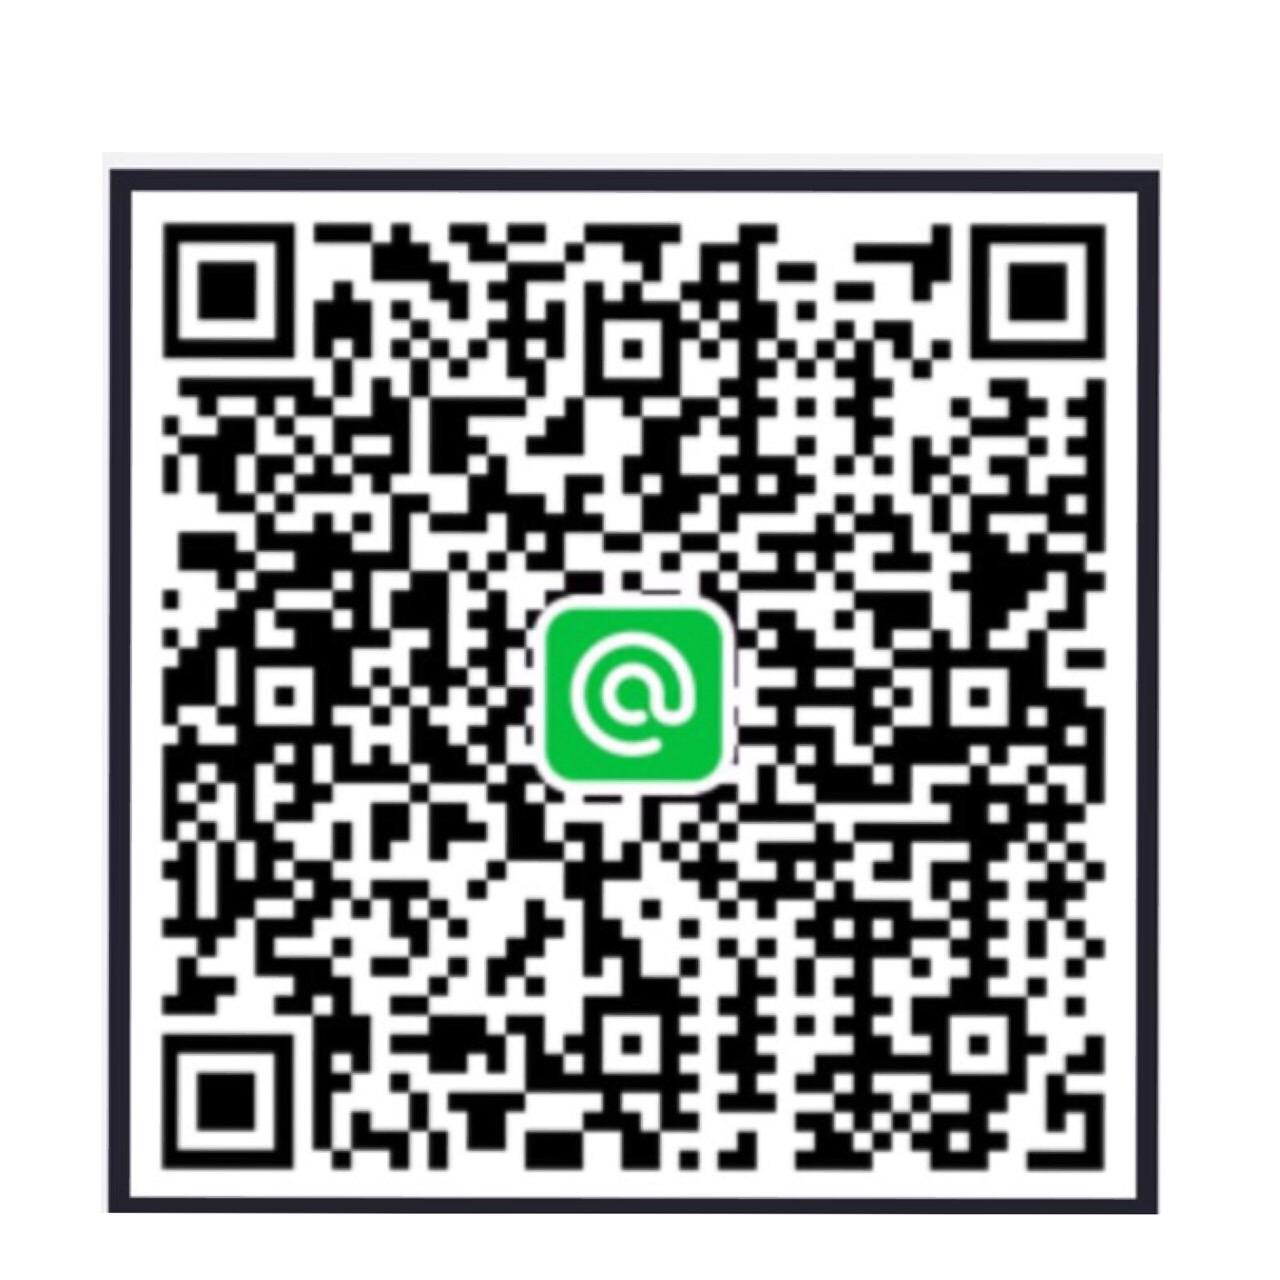 読み取り用QRコード